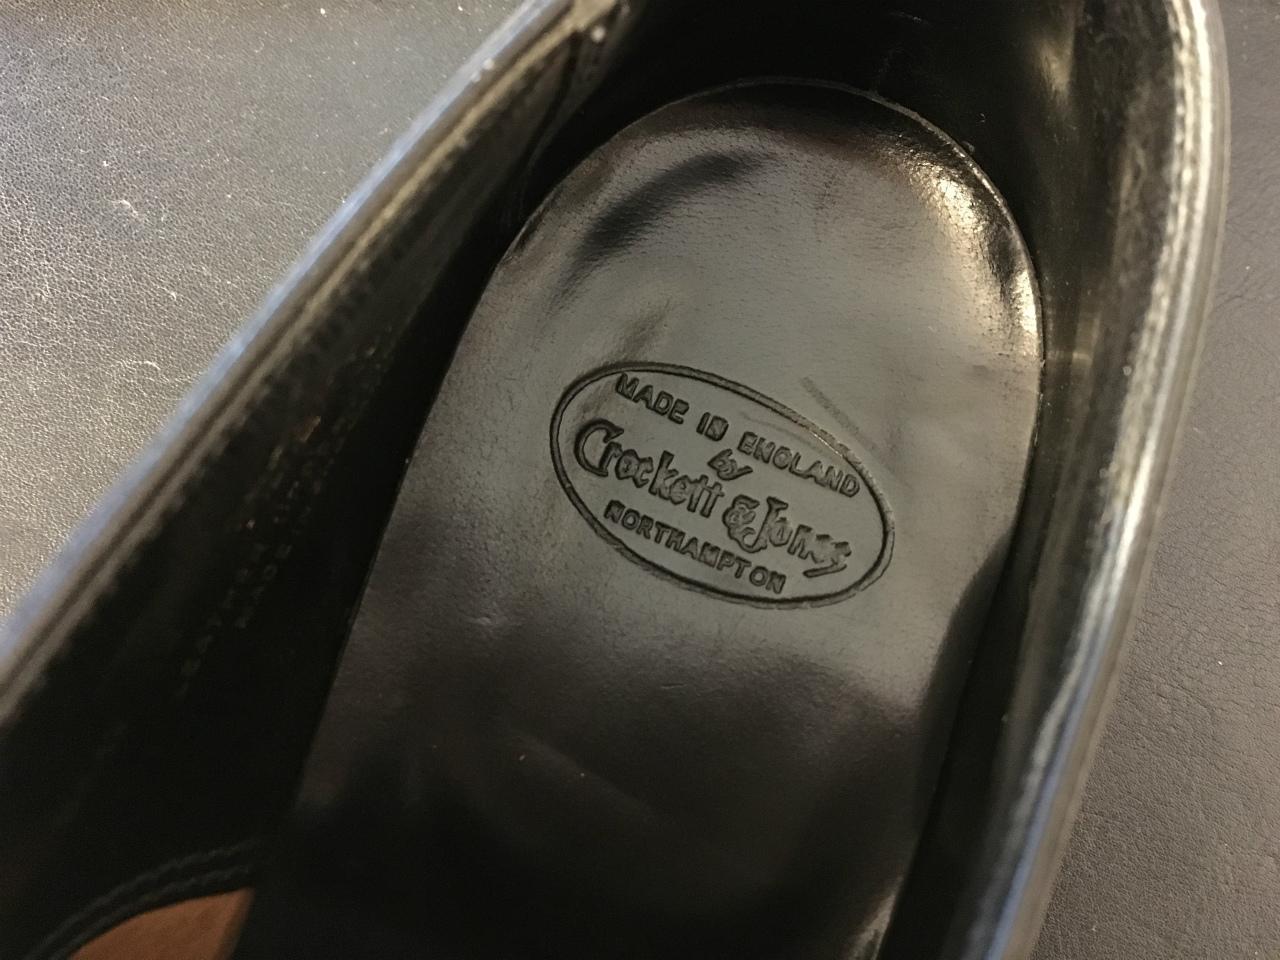 [1244-201605] 私たちが靴に興味を持ち始めた頃にやりがちなこと。そして昔私がジョンロブ(John Lobb)だった頃。